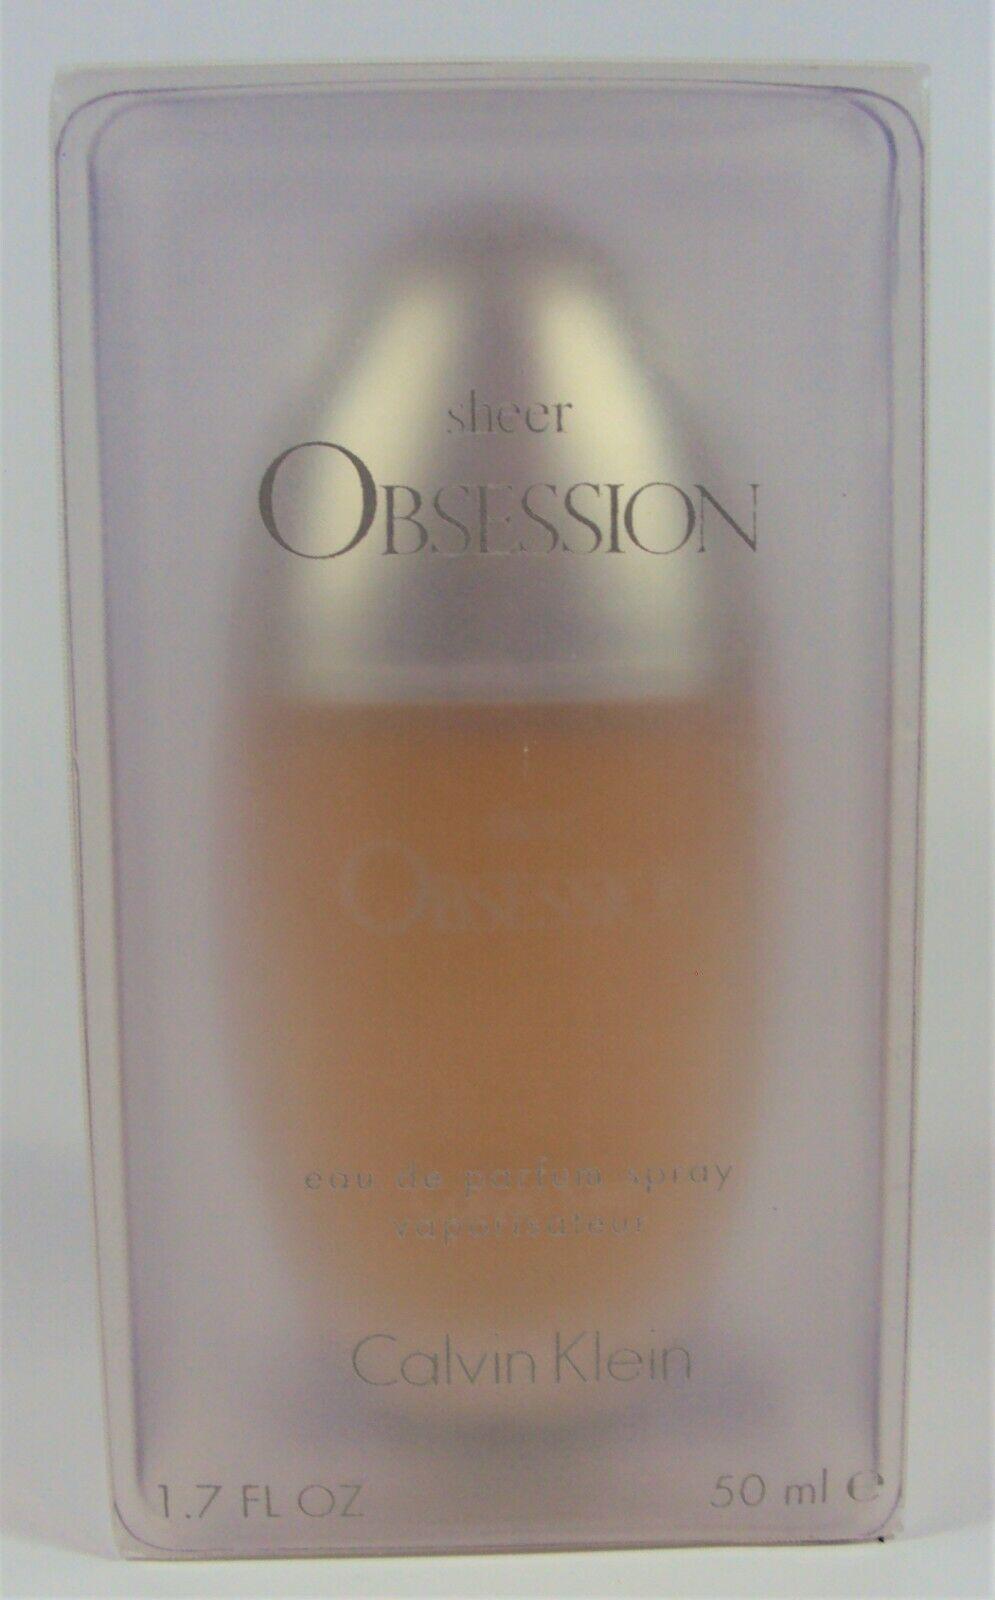 Aaaaaacalvin klein sheer obsession 1.7 oz perfume